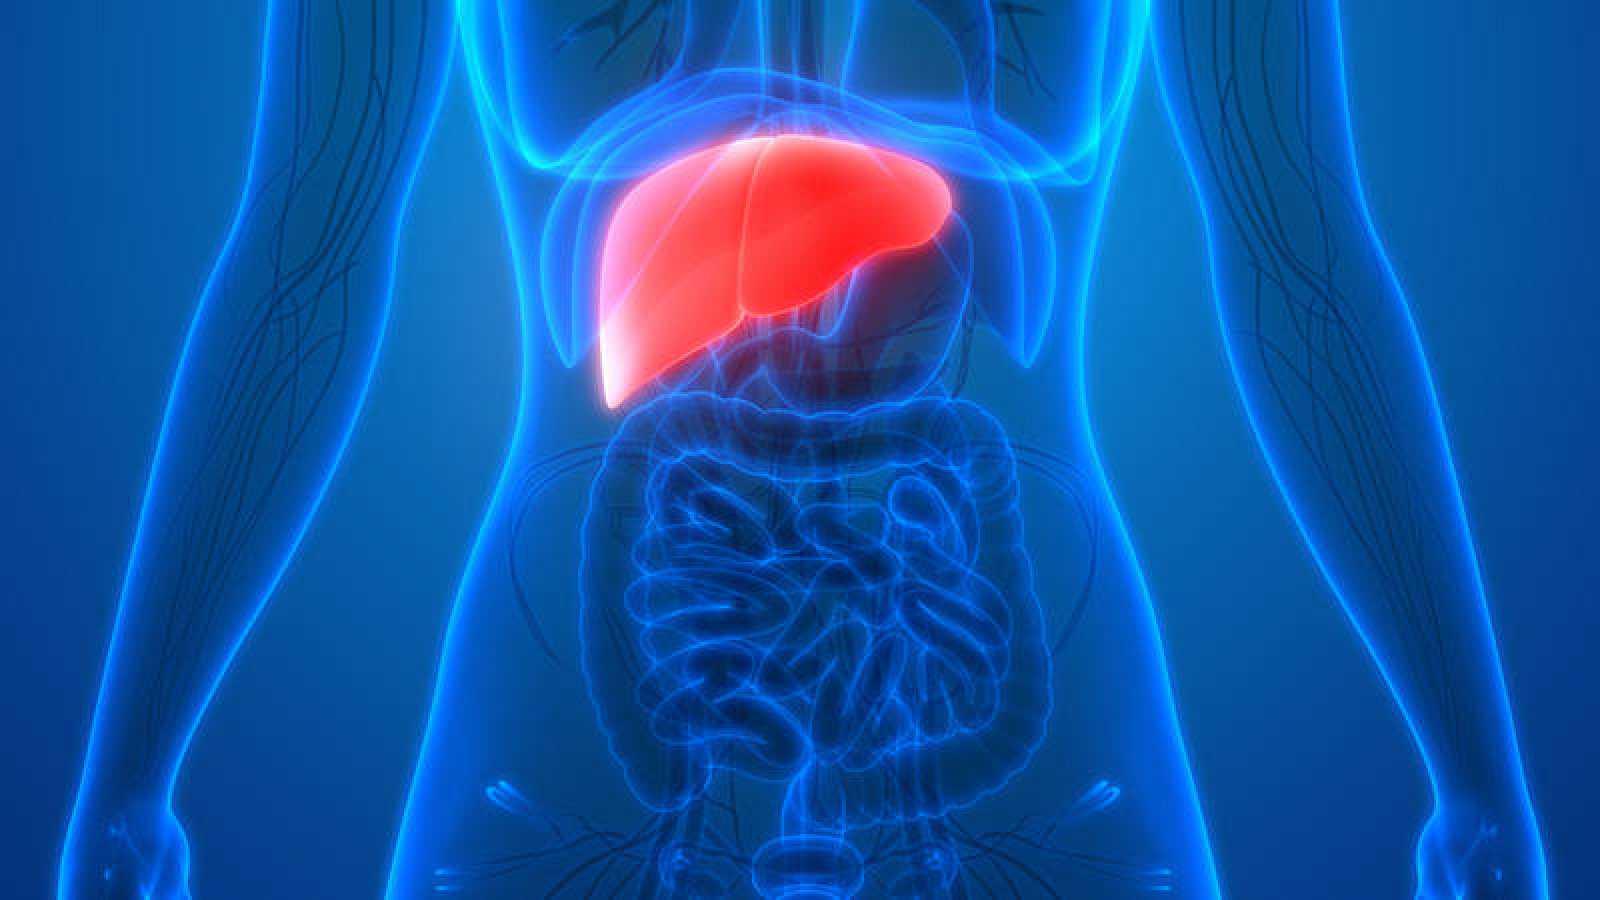 Una hormona más abundante en mujeres las protege del cáncer de hígado